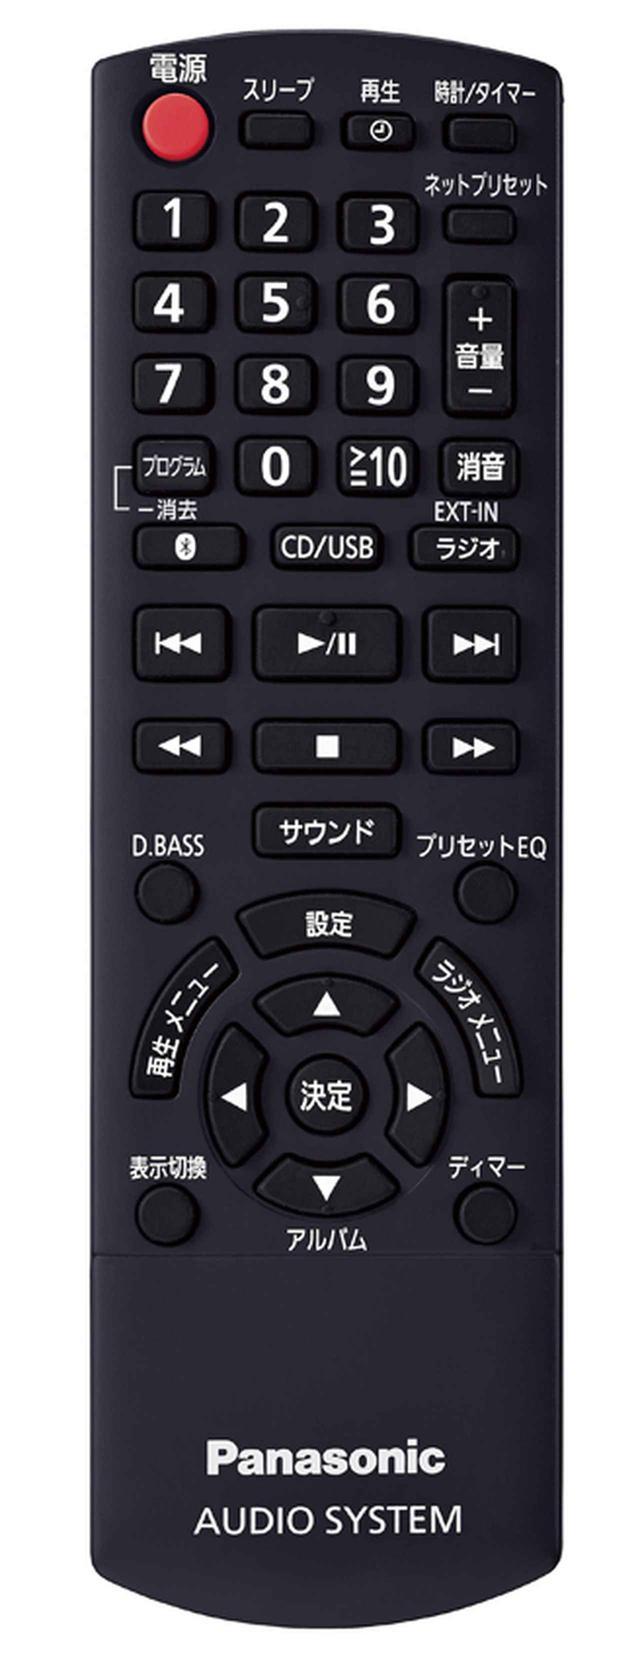 画像: コンパクトなサイズでオーソドックスなデザインだが、ボタンの配置を工夫し、大きめの表示で視認性を高めている。